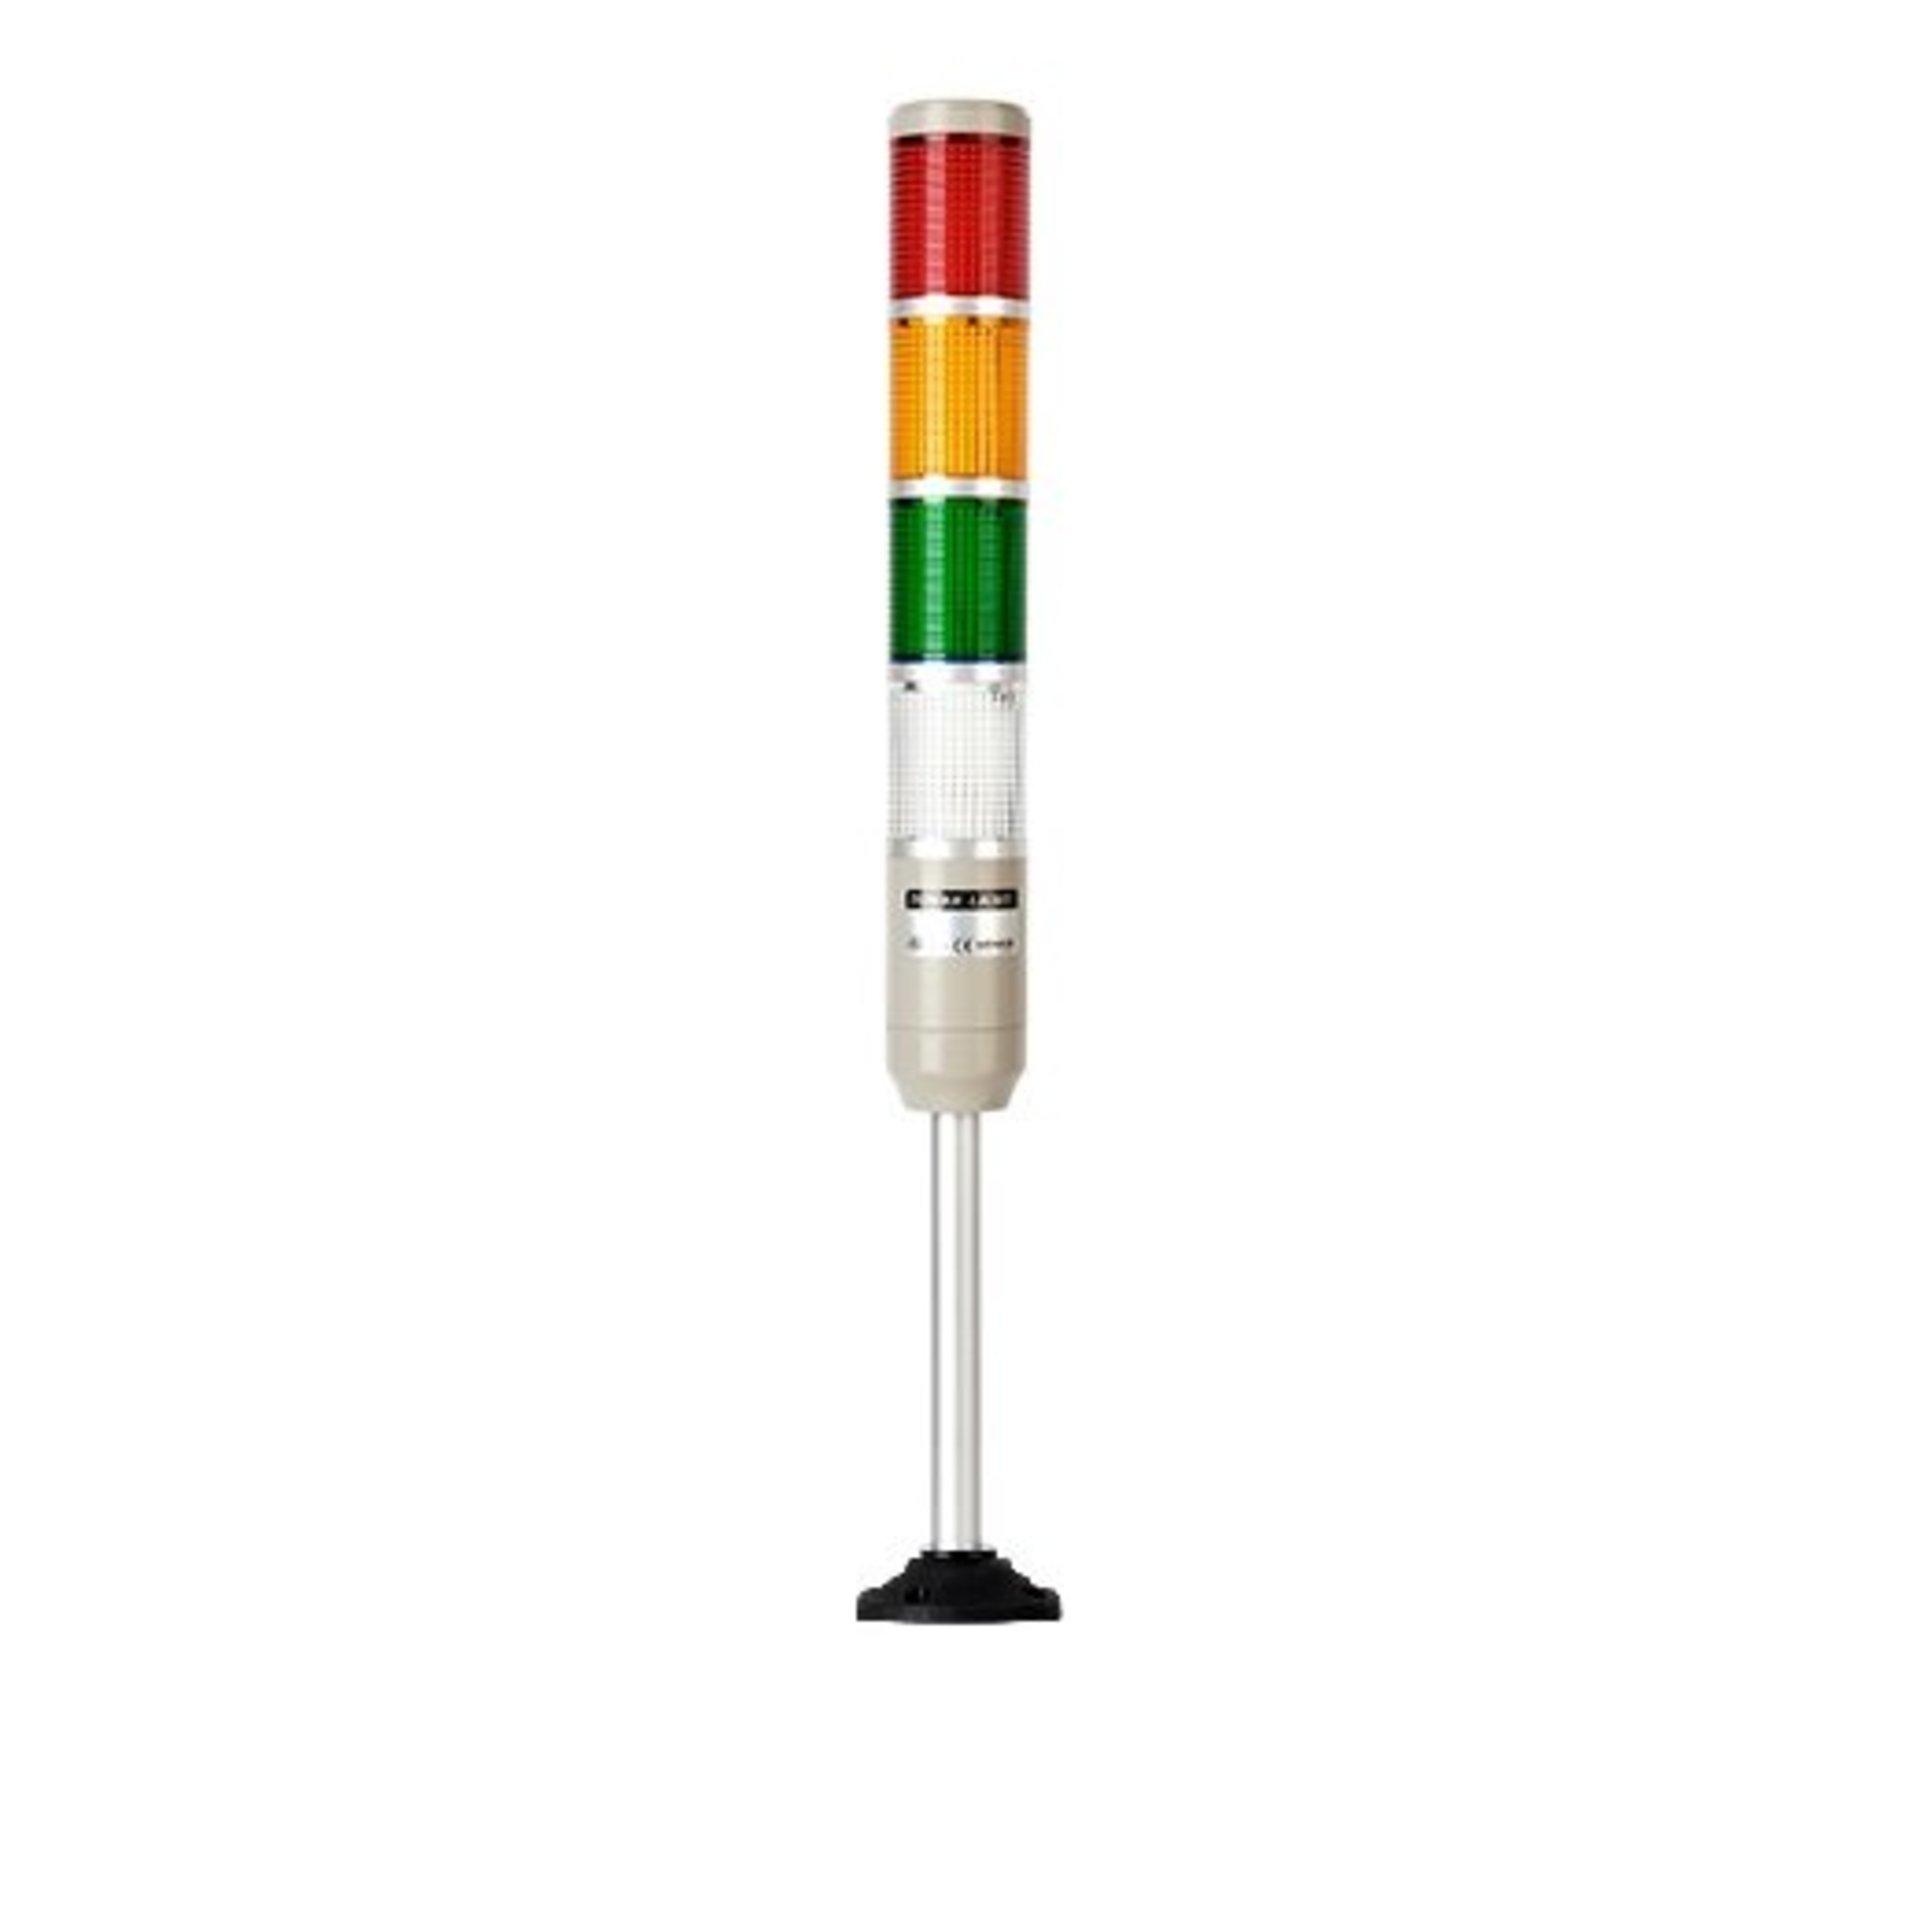 Светосигнальная колонна MT5B-4ALP-RYGC постоянного свечения красного, желтого, зеленого, белого цвета с питанием 24 вольта.